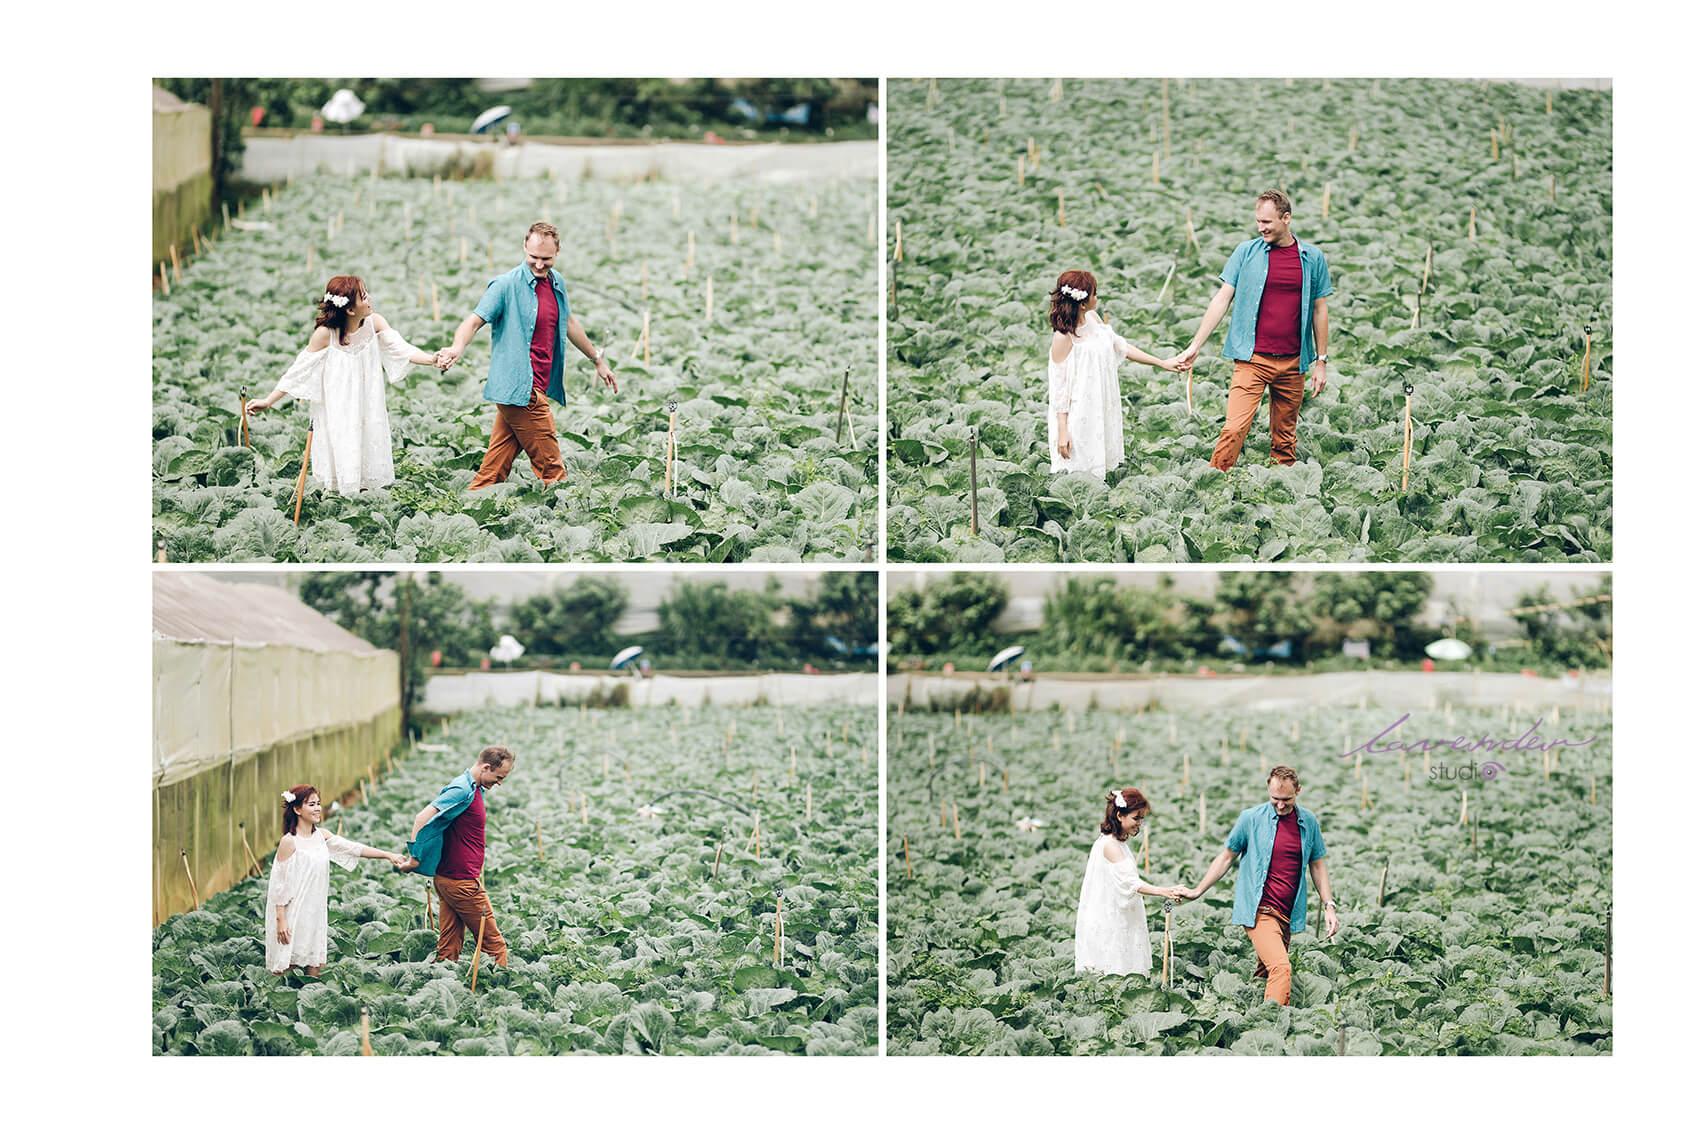 Dịch vụ du lịch kết hợp chụp ảnh cưới Đà Lạt uy tính